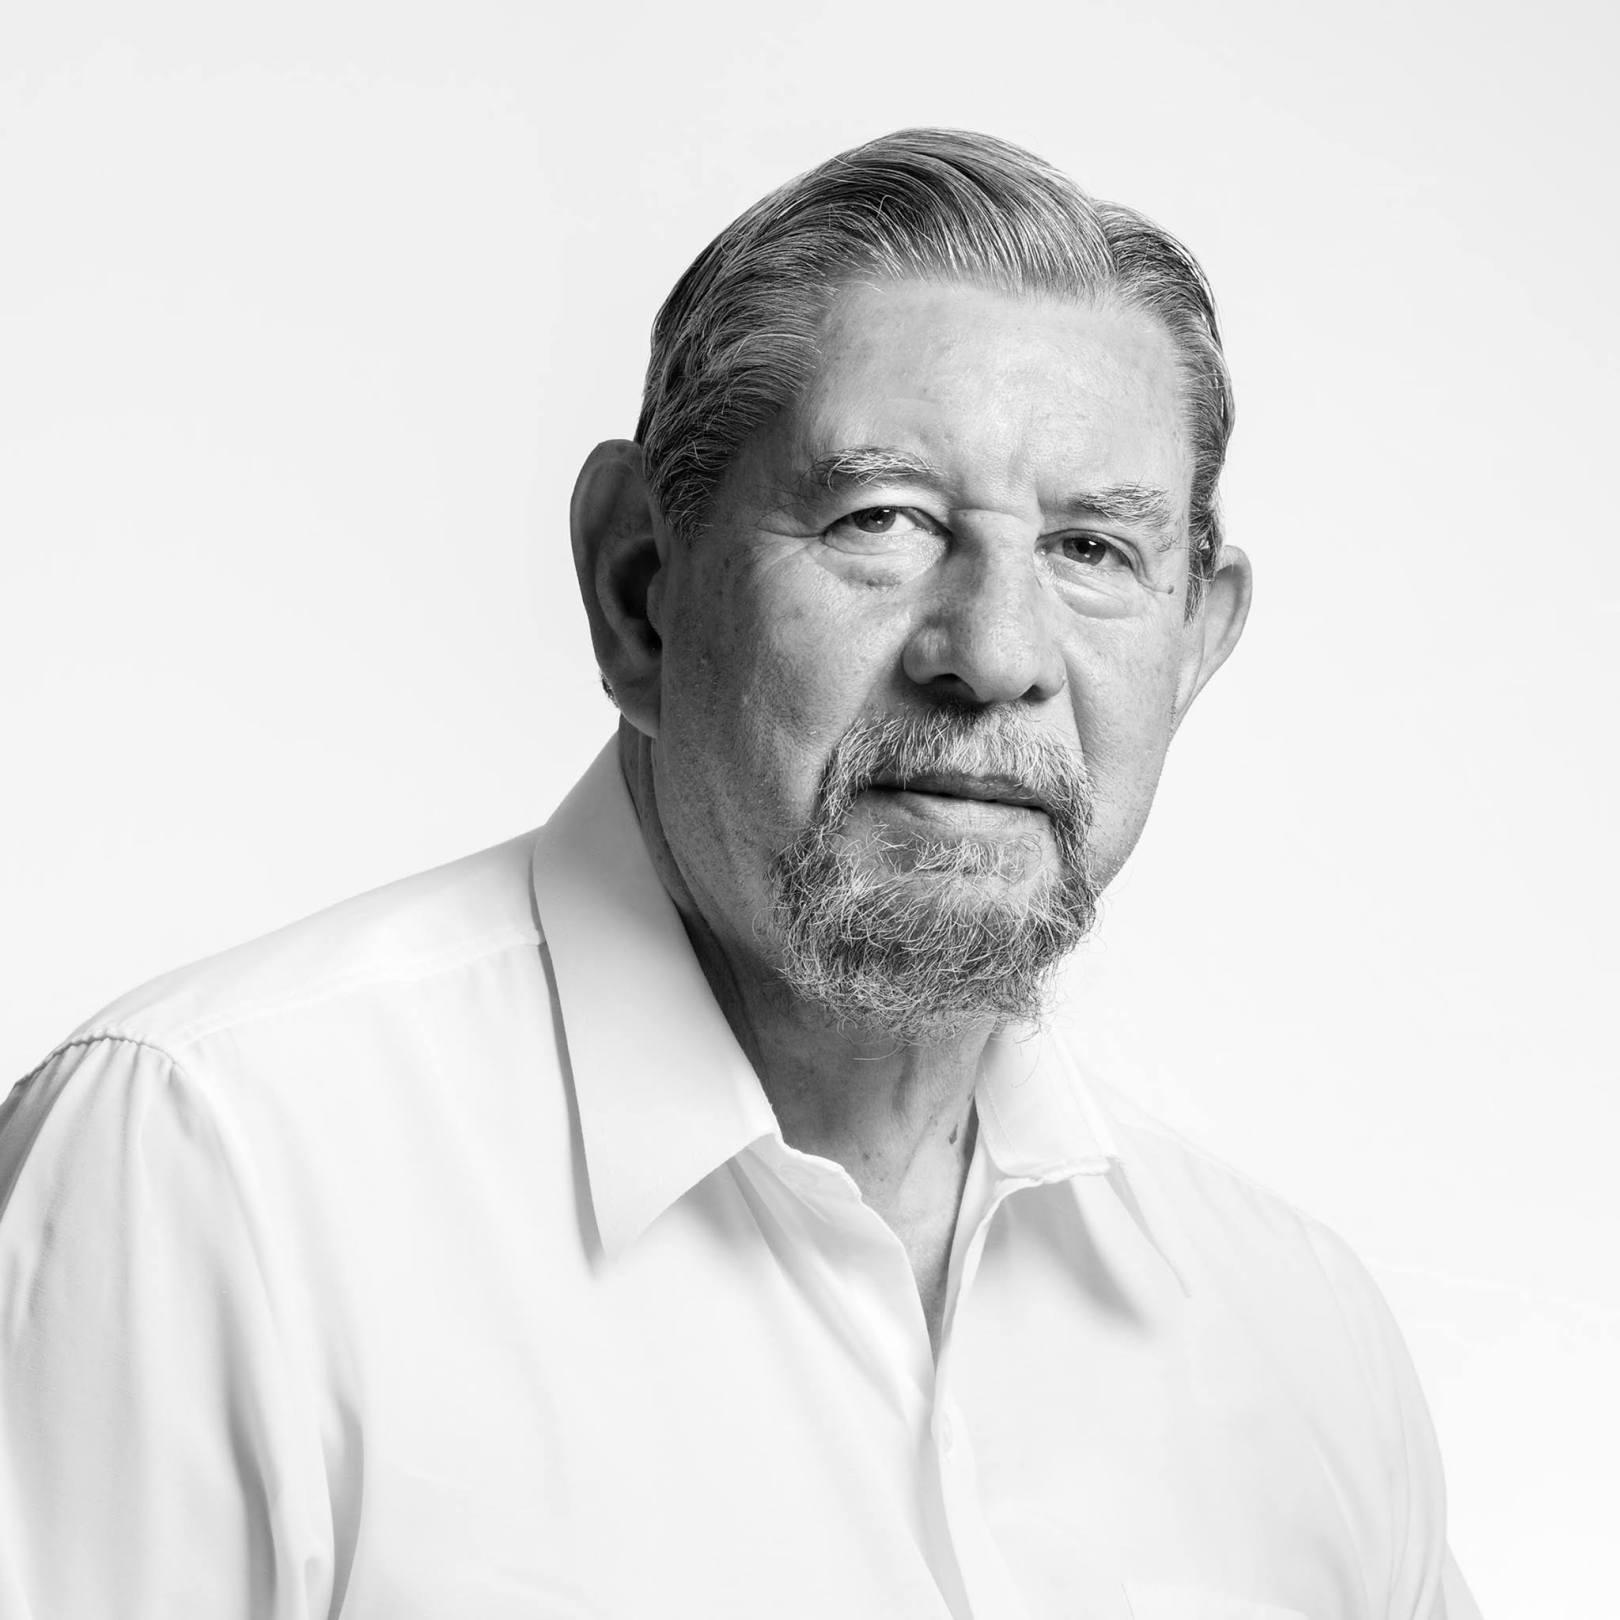 El poeta colombiano José Luis Díaz-Granados. Fotografía de Joaquín Puga.